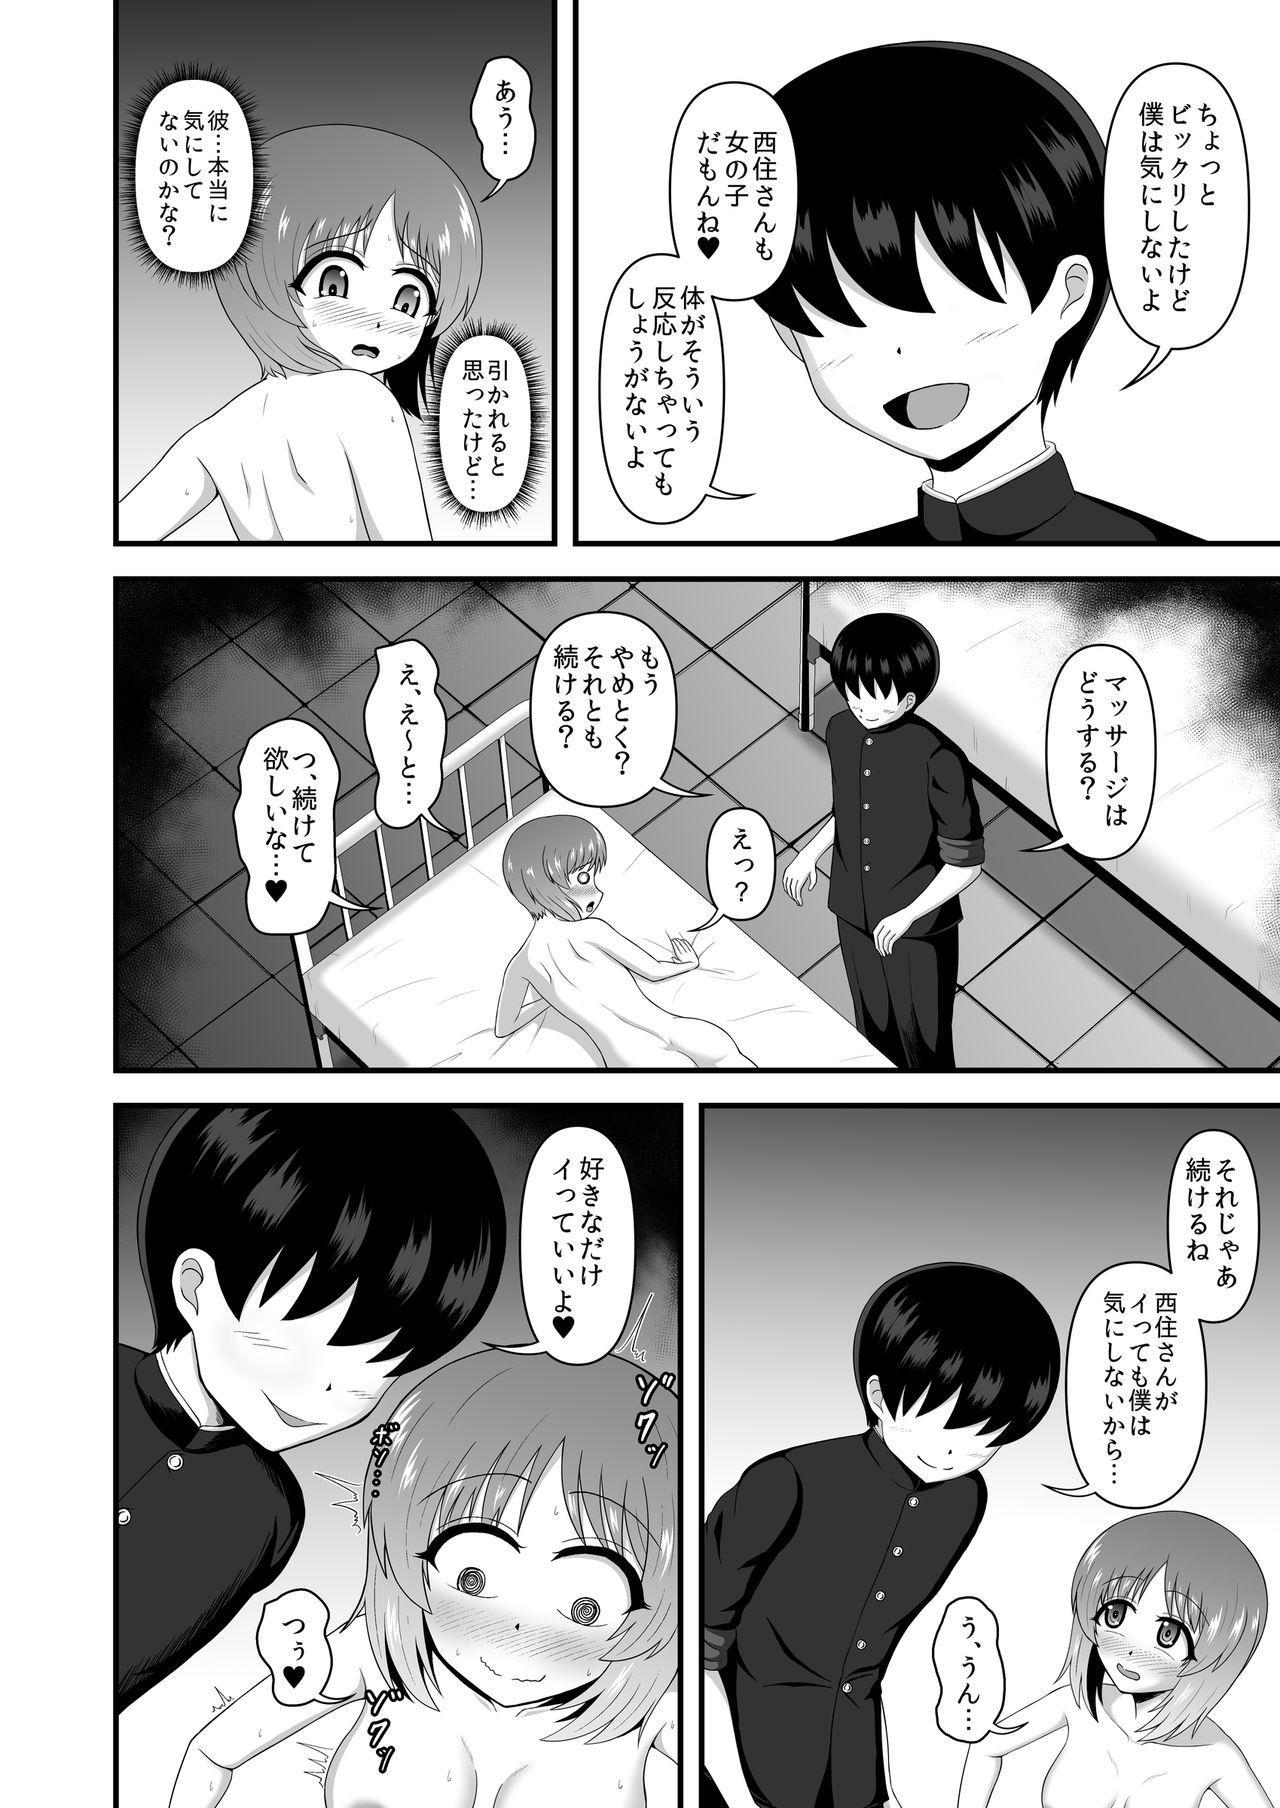 Teisou Gyakuten Abekobe Banashi 3 12